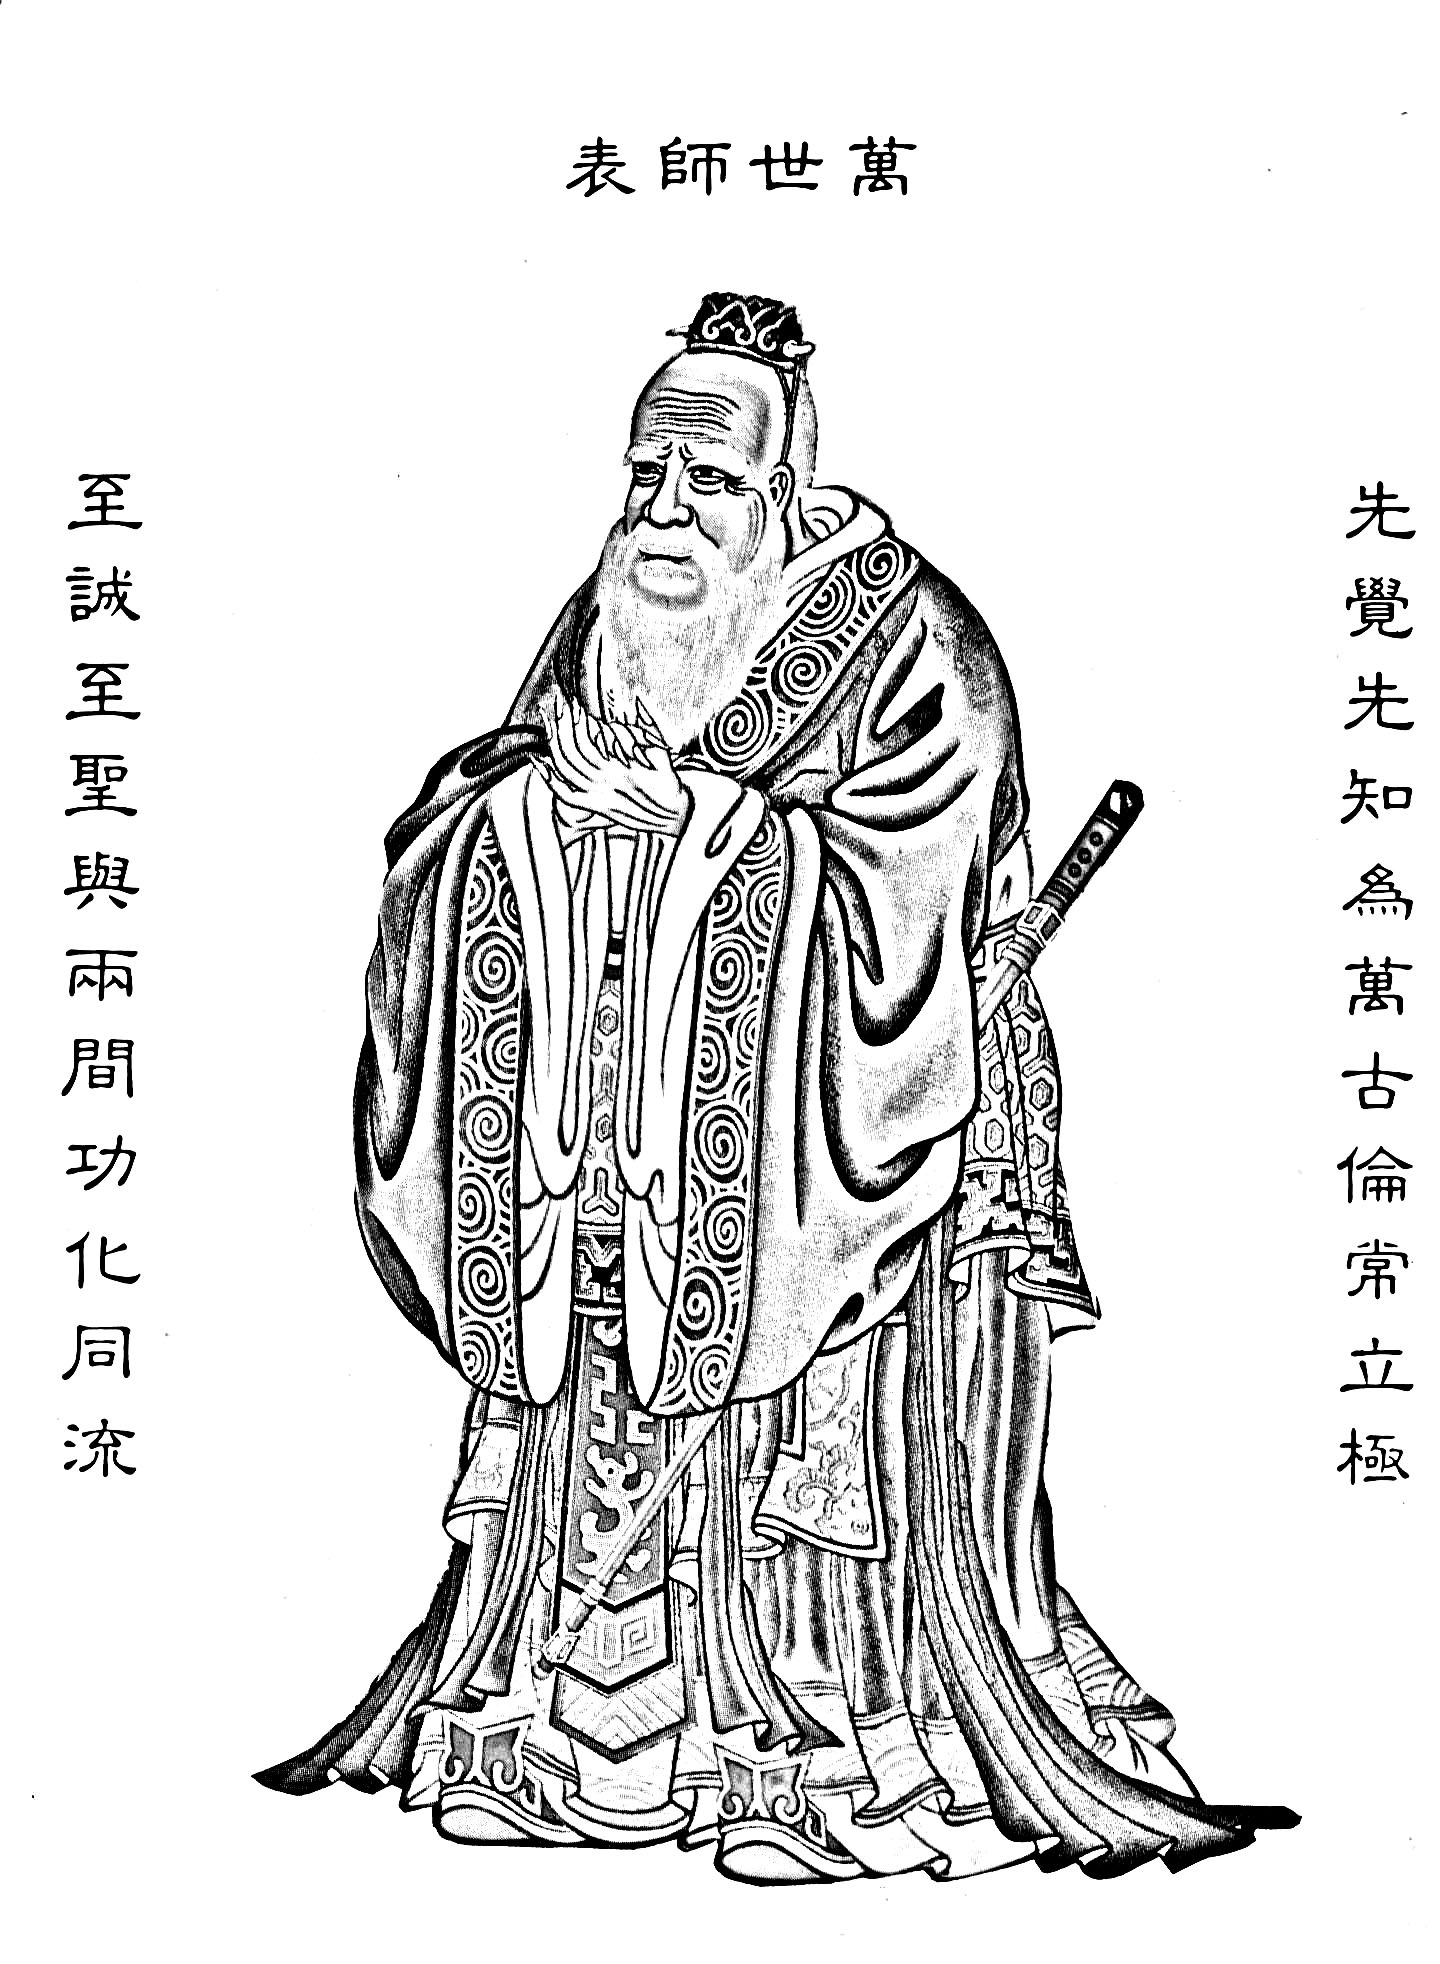 Coloriage de Confucius, personnage historique Chinois, considéré comme son premier 'éducateur' | A partir de la galerie : Chine Asie